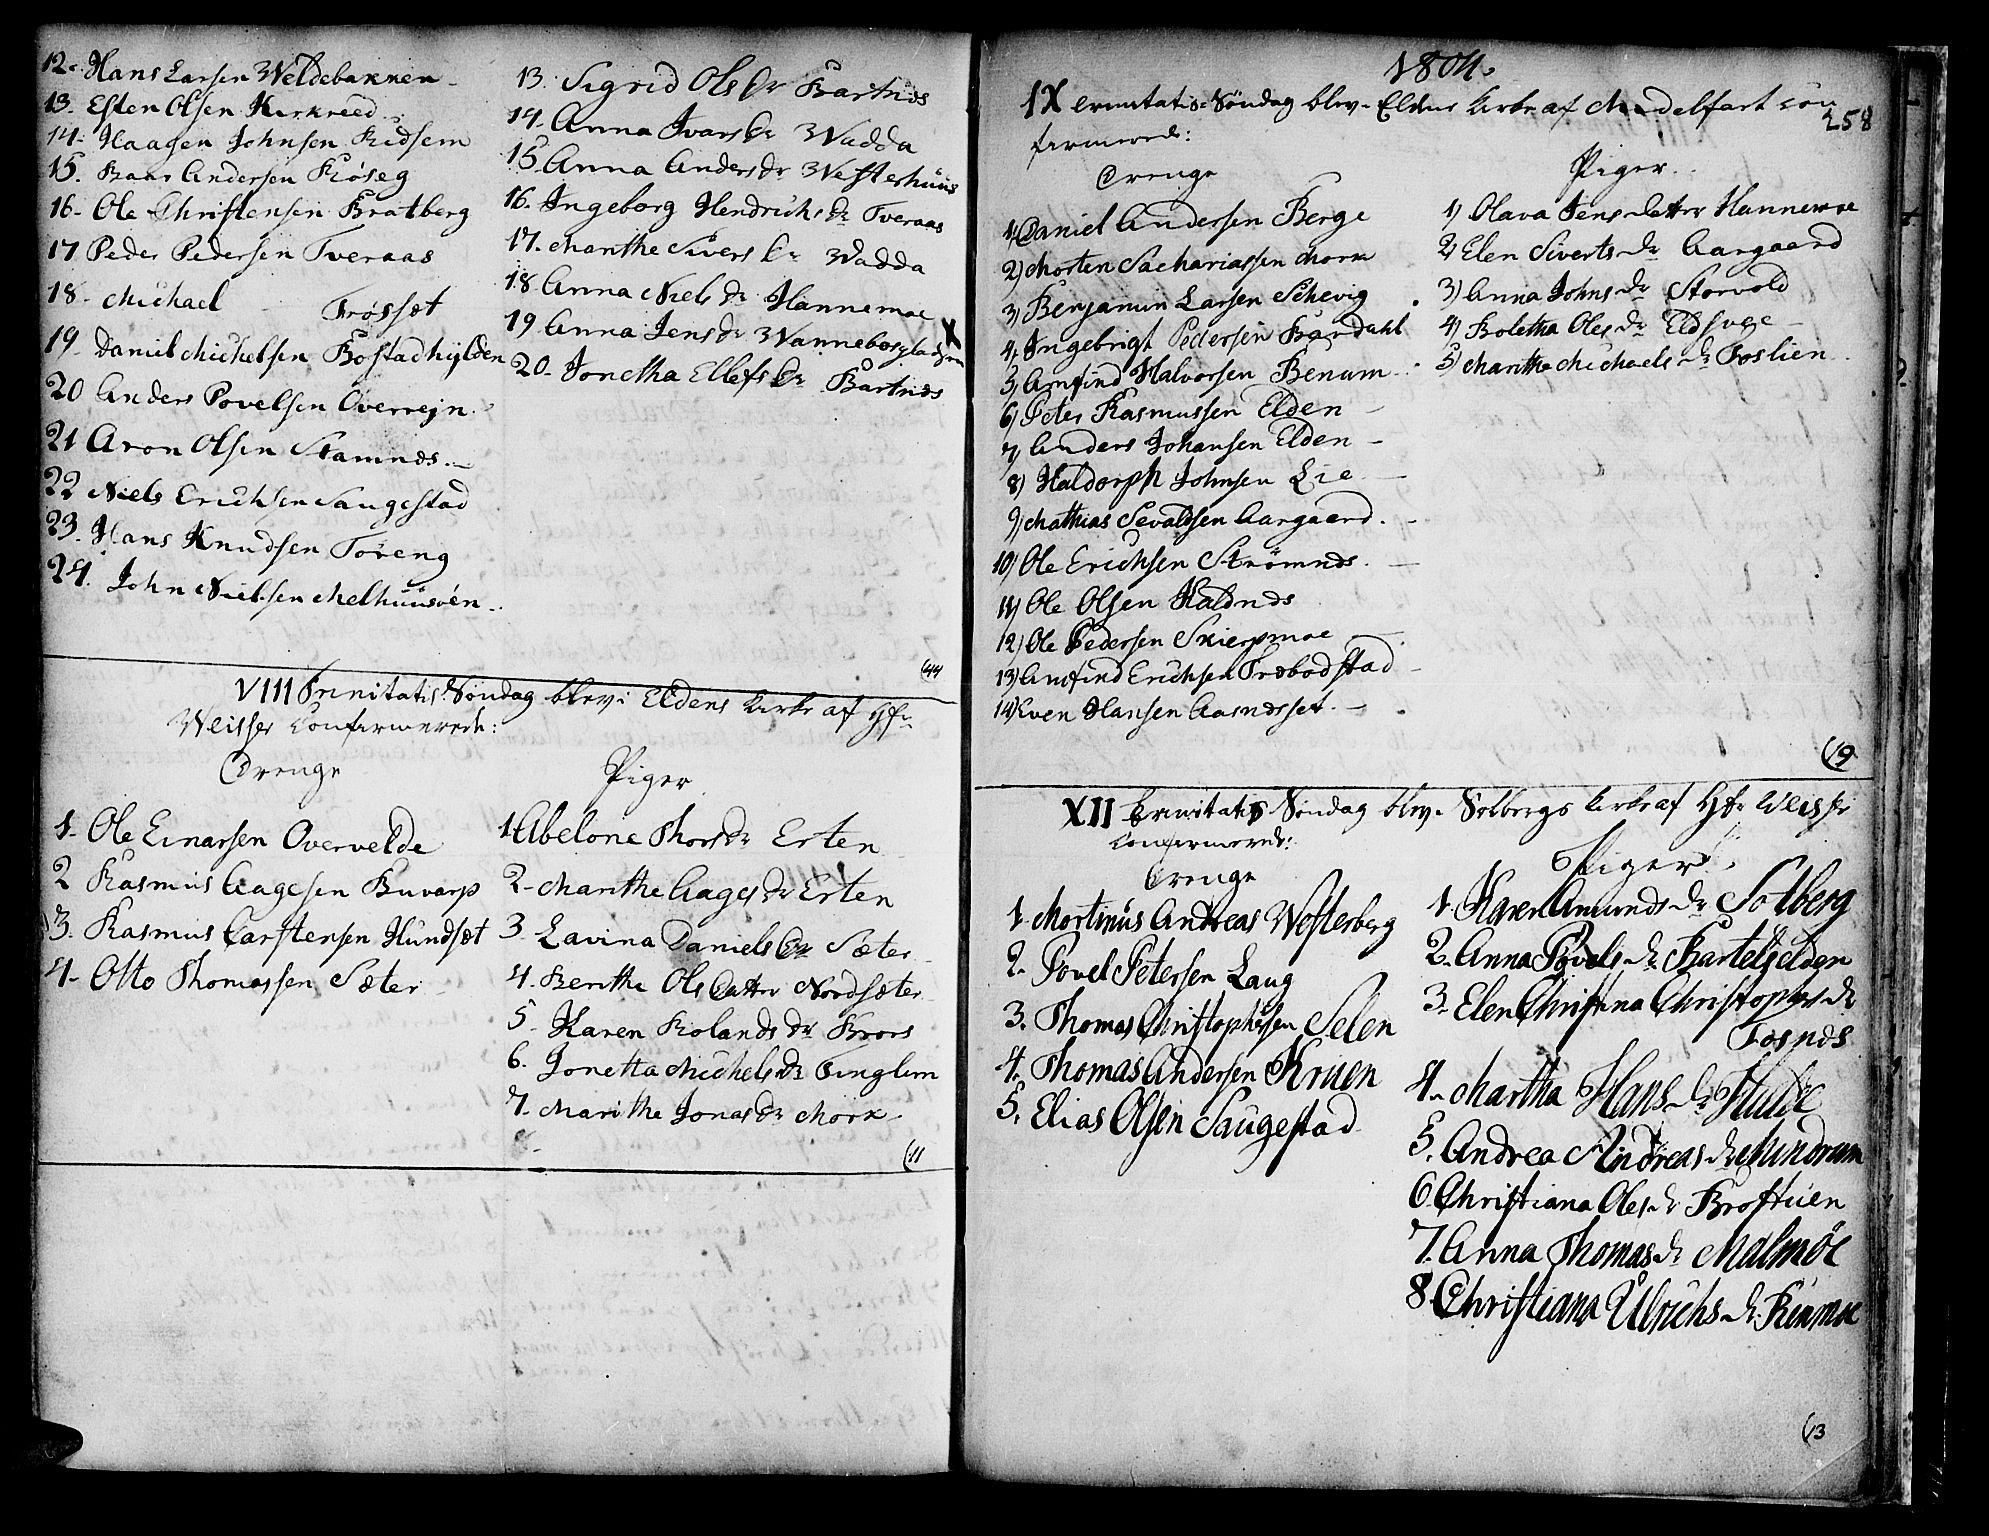 SAT, Ministerialprotokoller, klokkerbøker og fødselsregistre - Nord-Trøndelag, 741/L0385: Ministerialbok nr. 741A01, 1722-1815, s. 258